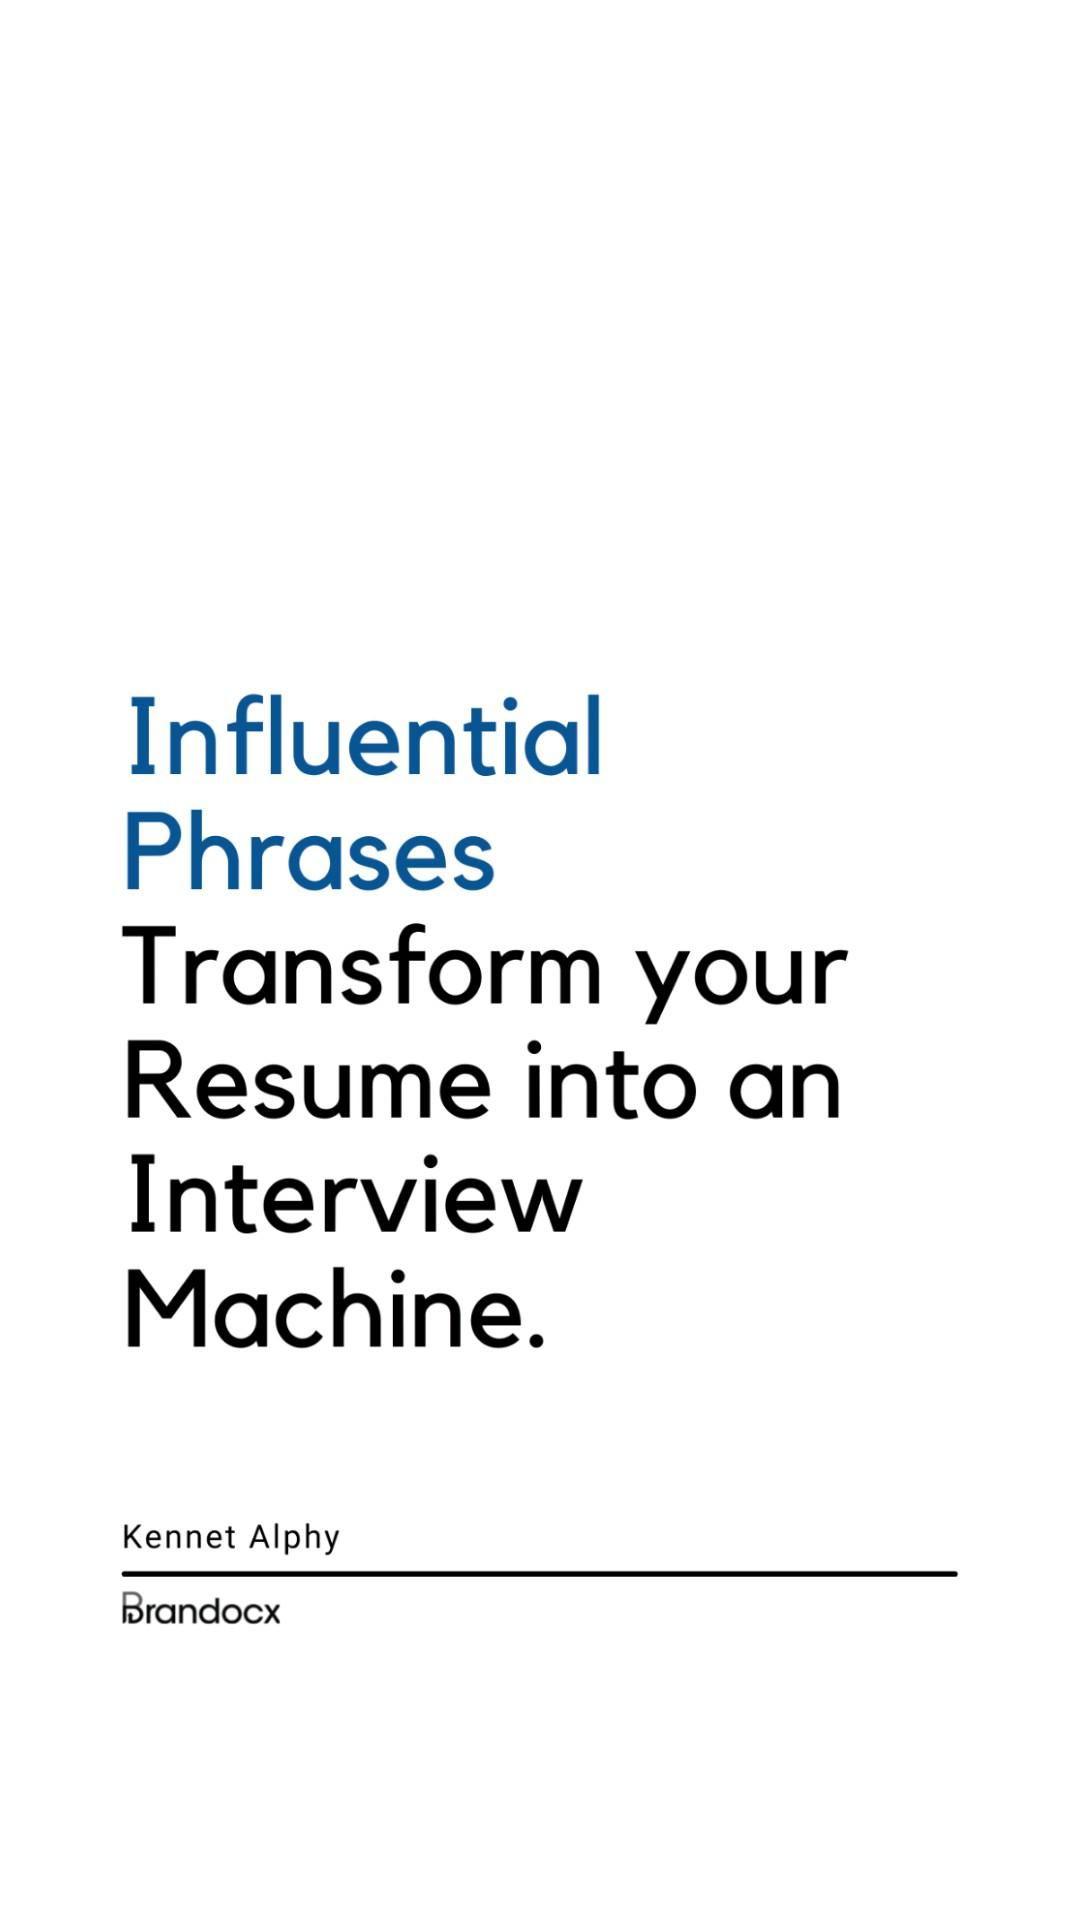 #resumen#jobsearching#resumetip#resumeservices#resumehelp#resumedesign#resumewriting